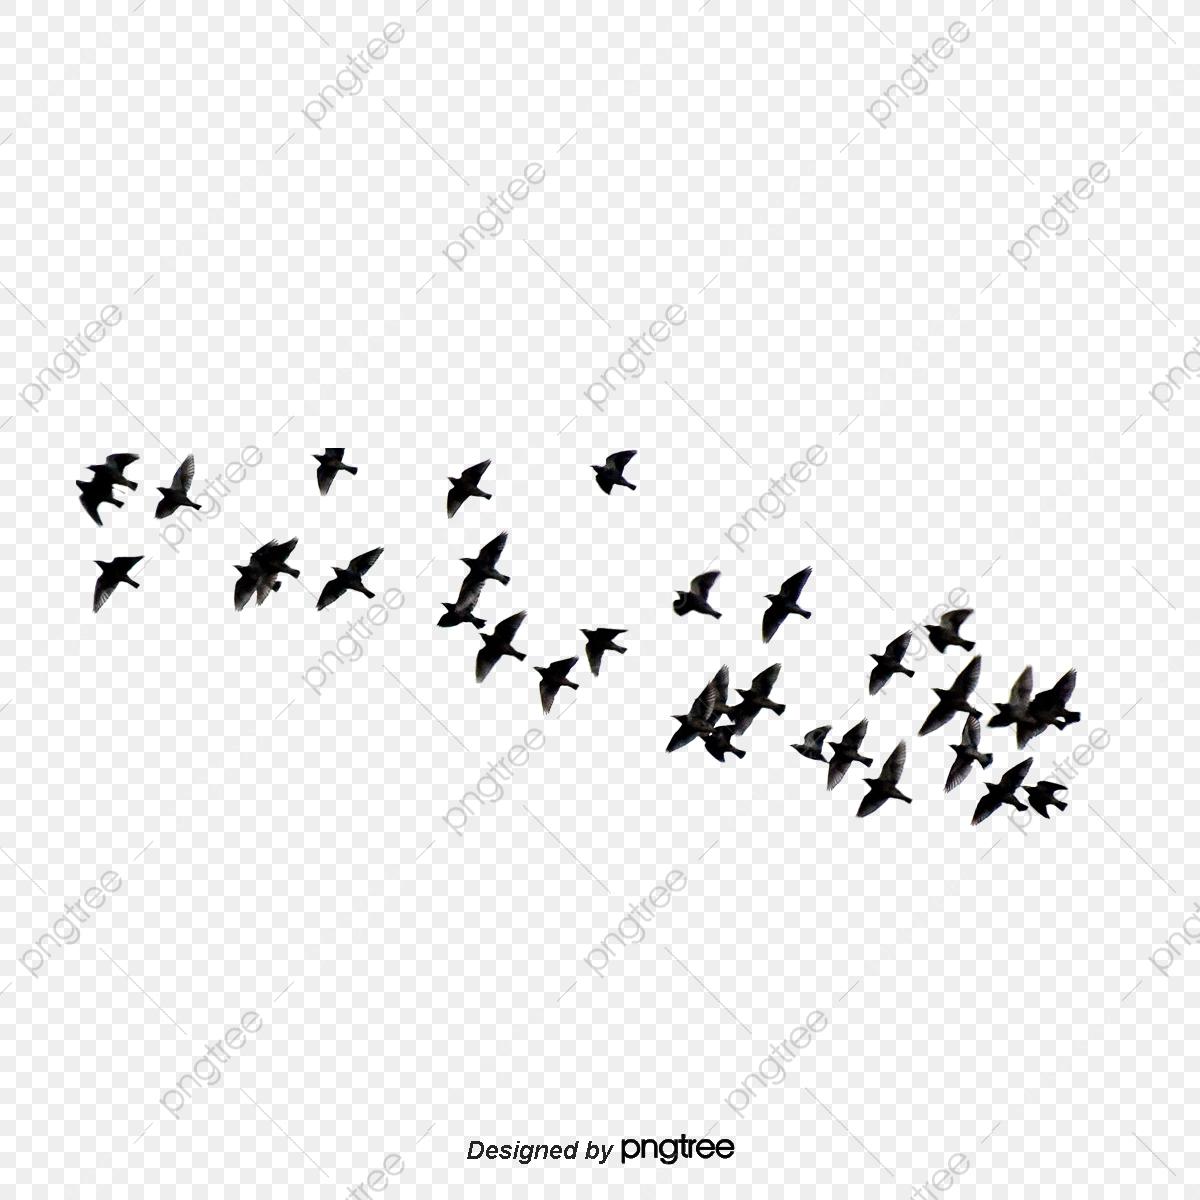 L'oiseau Vole, Voler, Petit Oiseau, Les Oiseaux Fichier Png concernant Vol Petit Oiseau